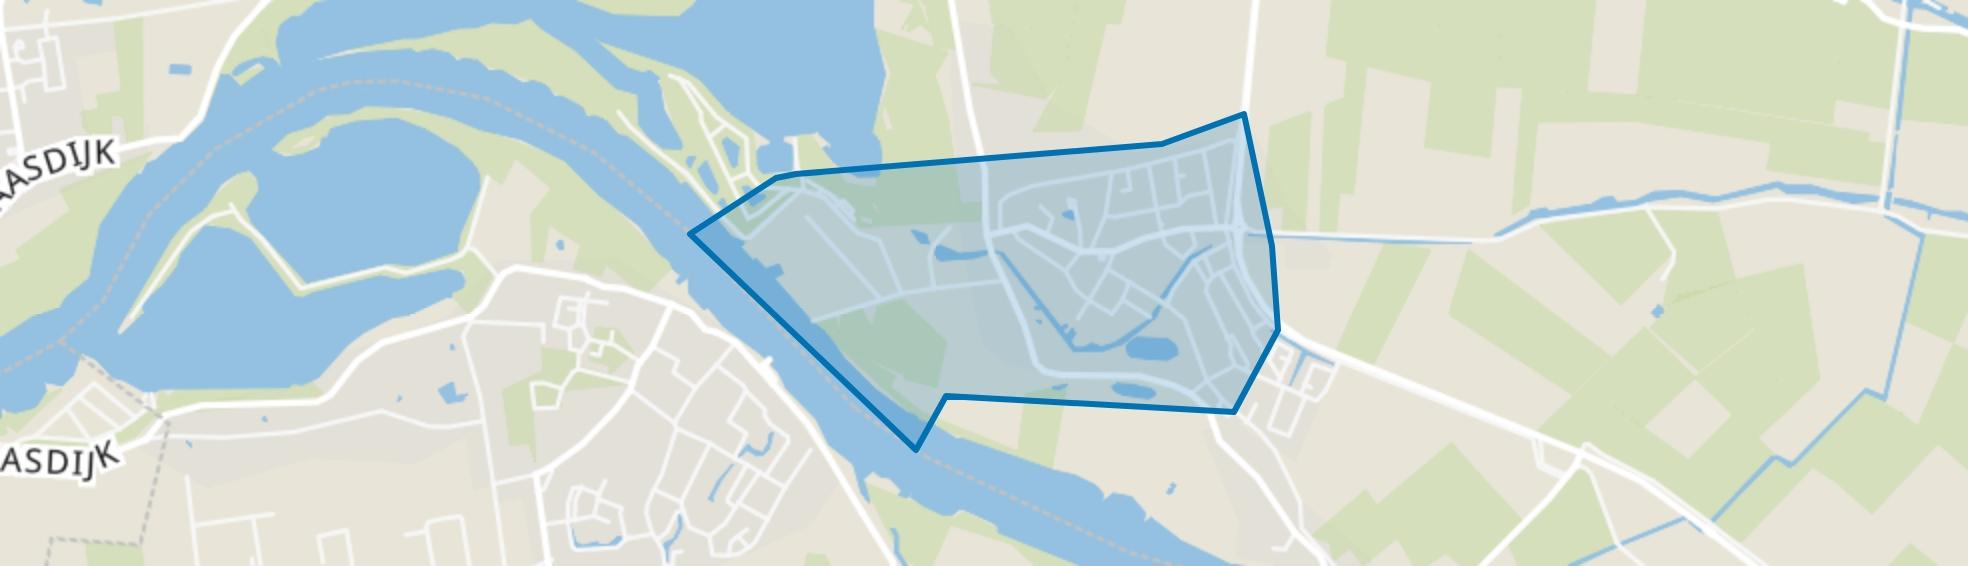 Aalst, Aalst map